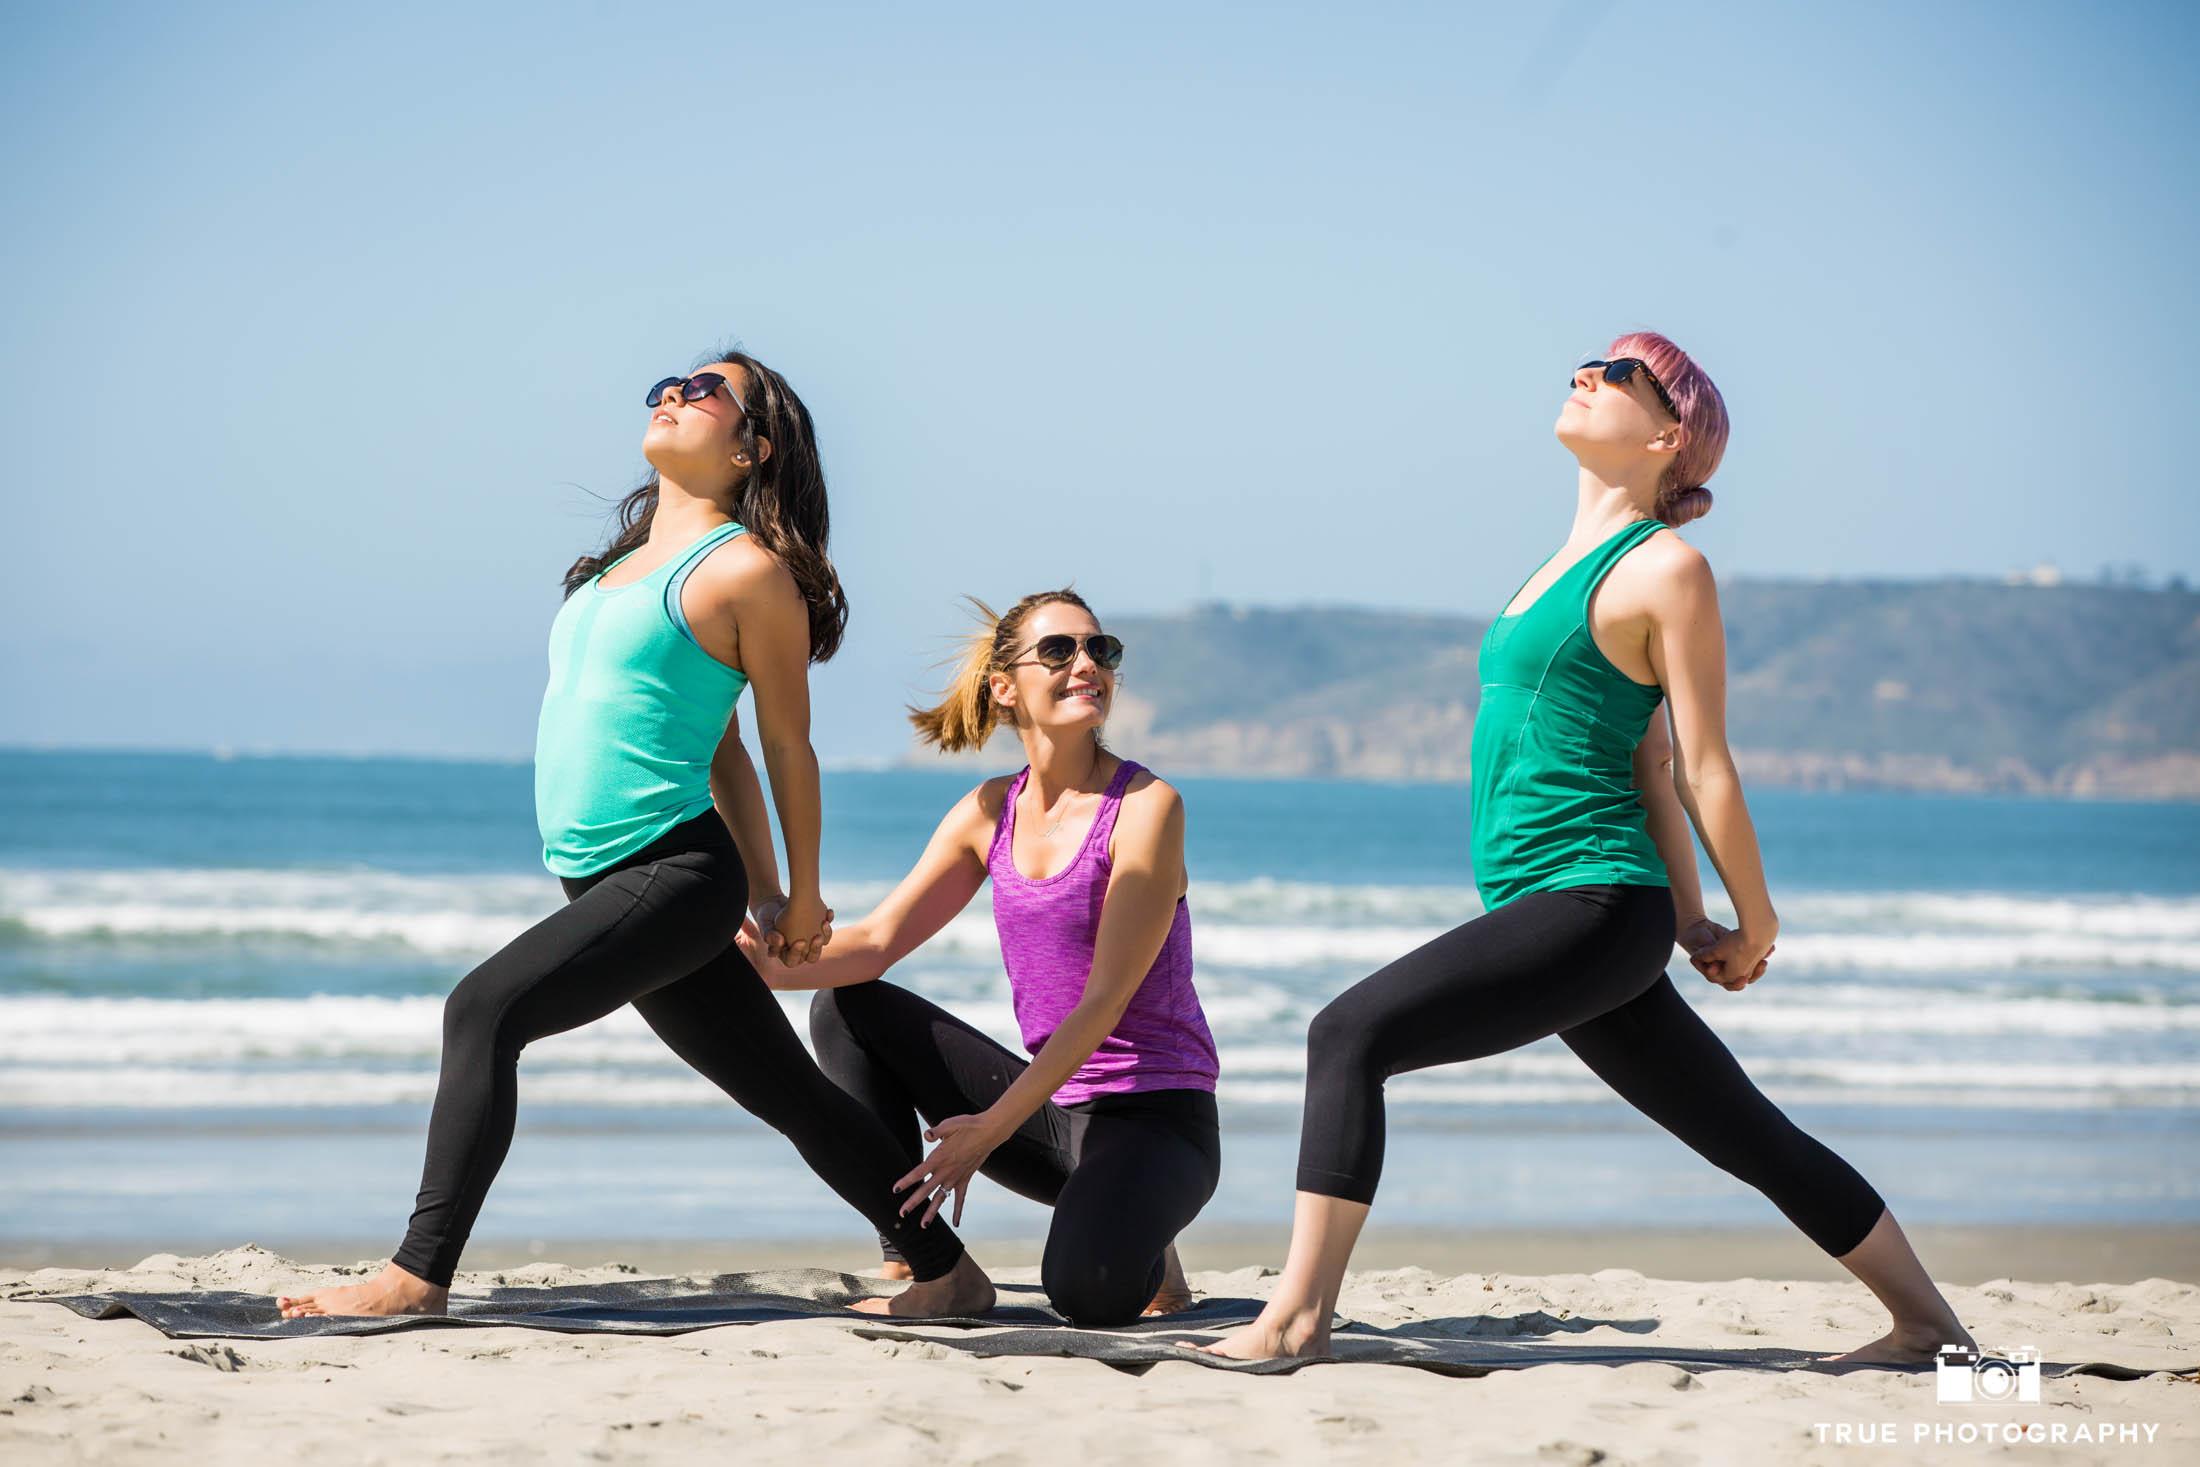 Lifestyle Yoga Photographer